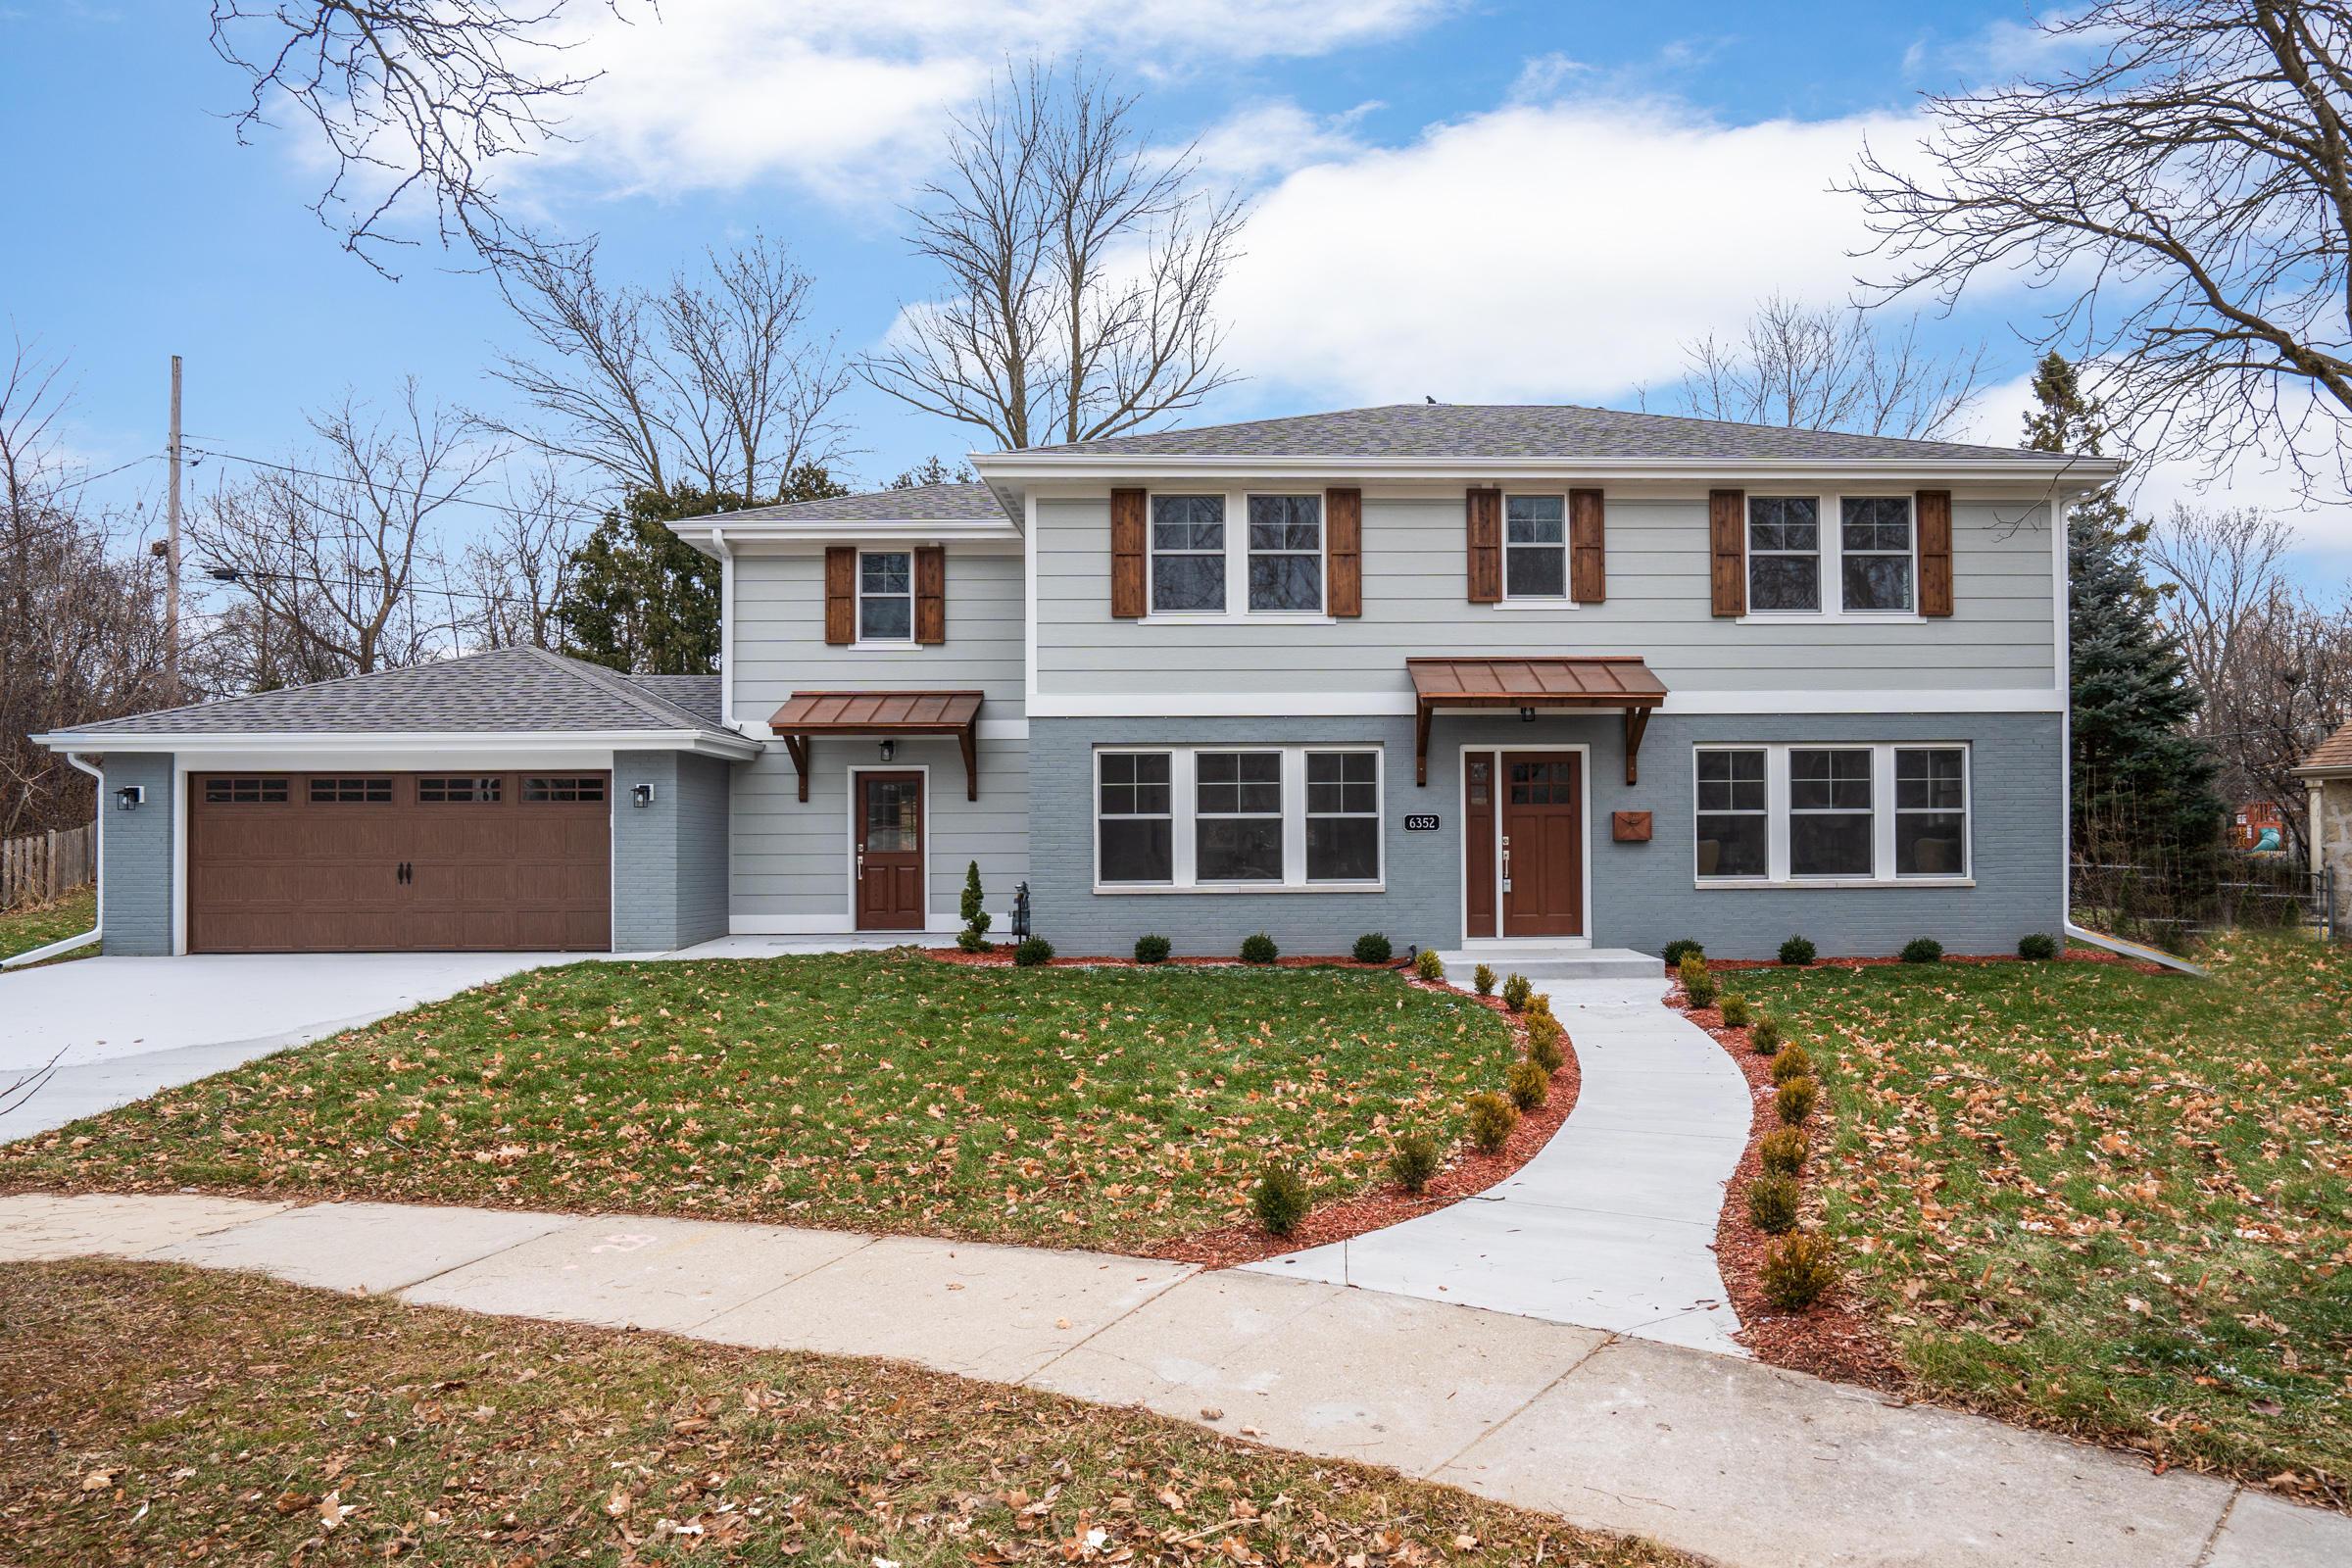 6352 N Bay Ridge Ave Whitefish Bay, WI 53217 Property Image